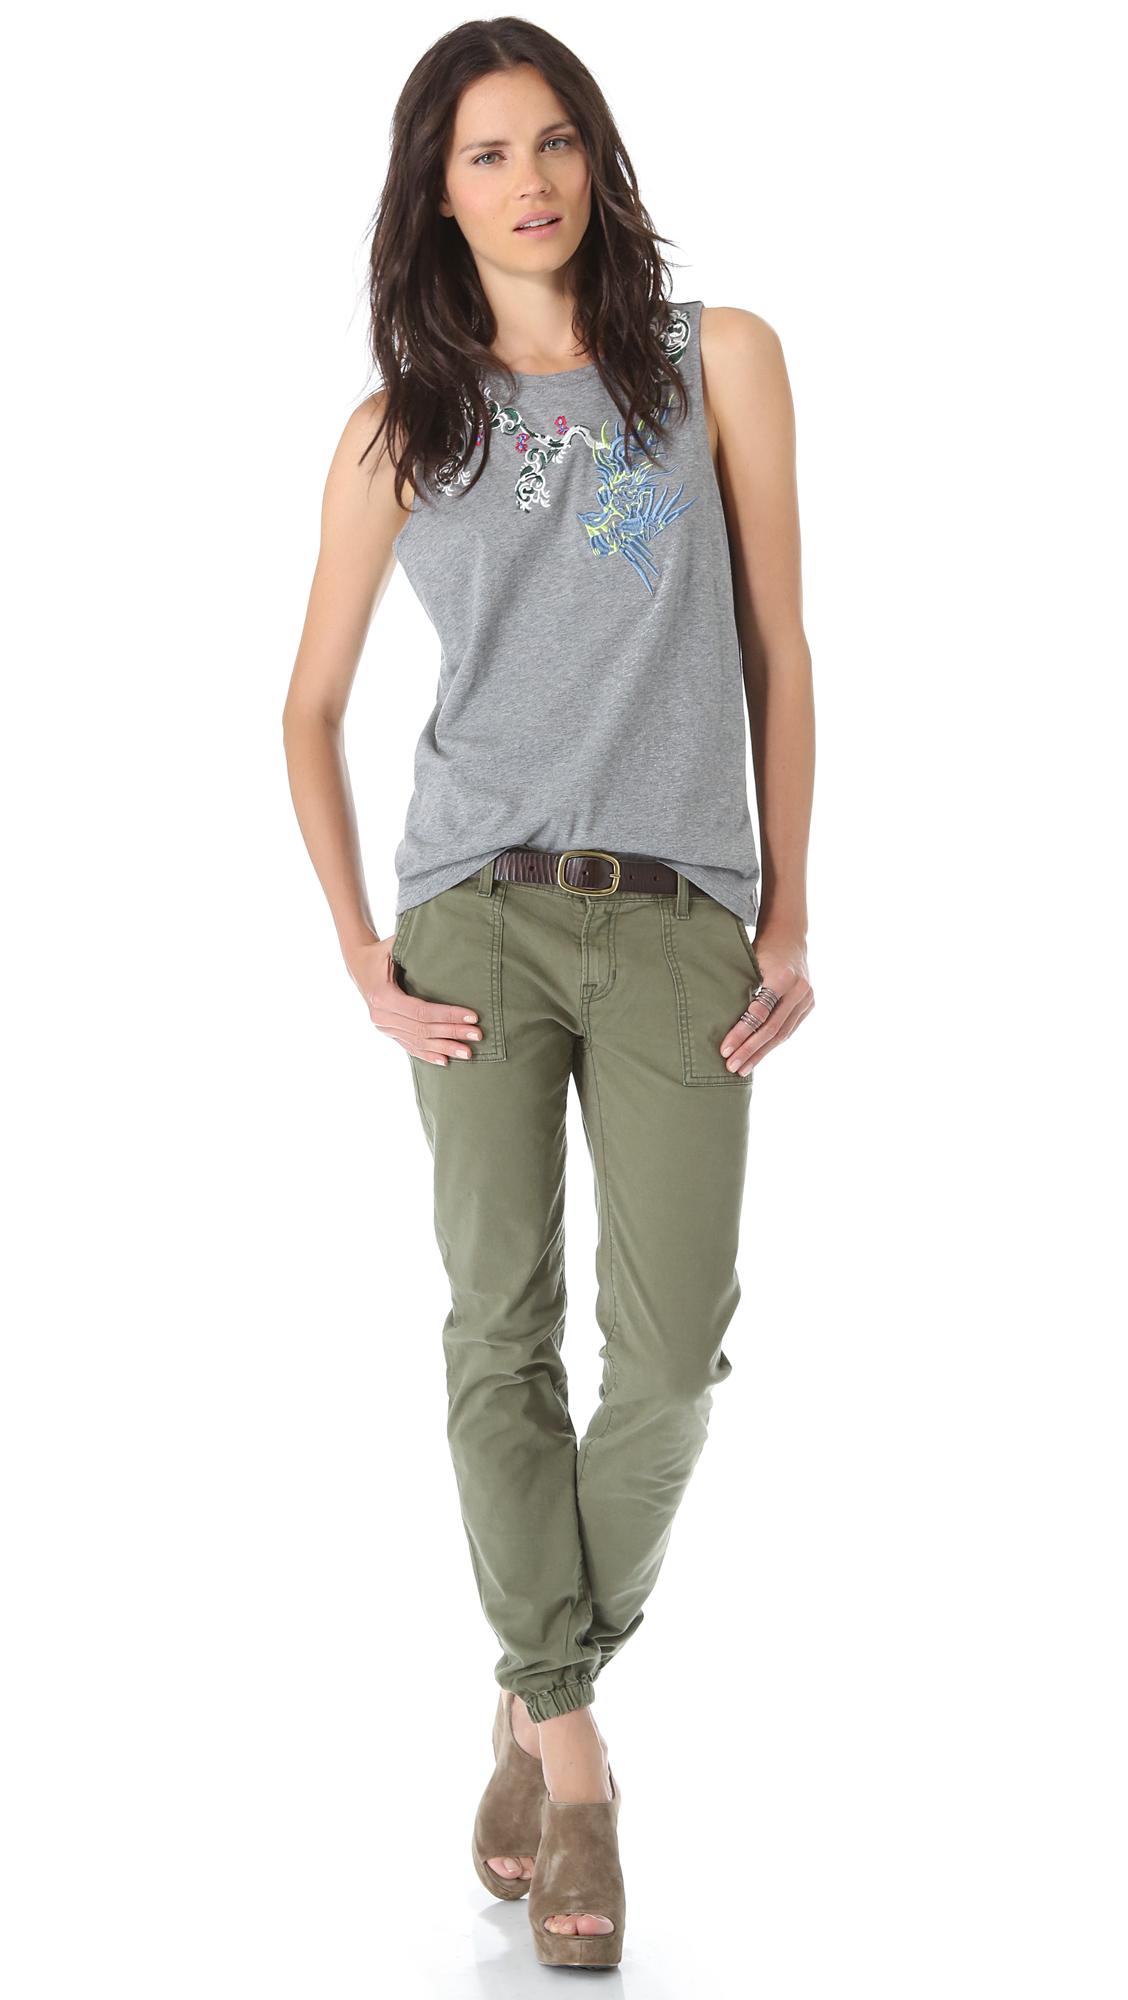 lyst textile elizabeth and james oliver pants in green. Black Bedroom Furniture Sets. Home Design Ideas